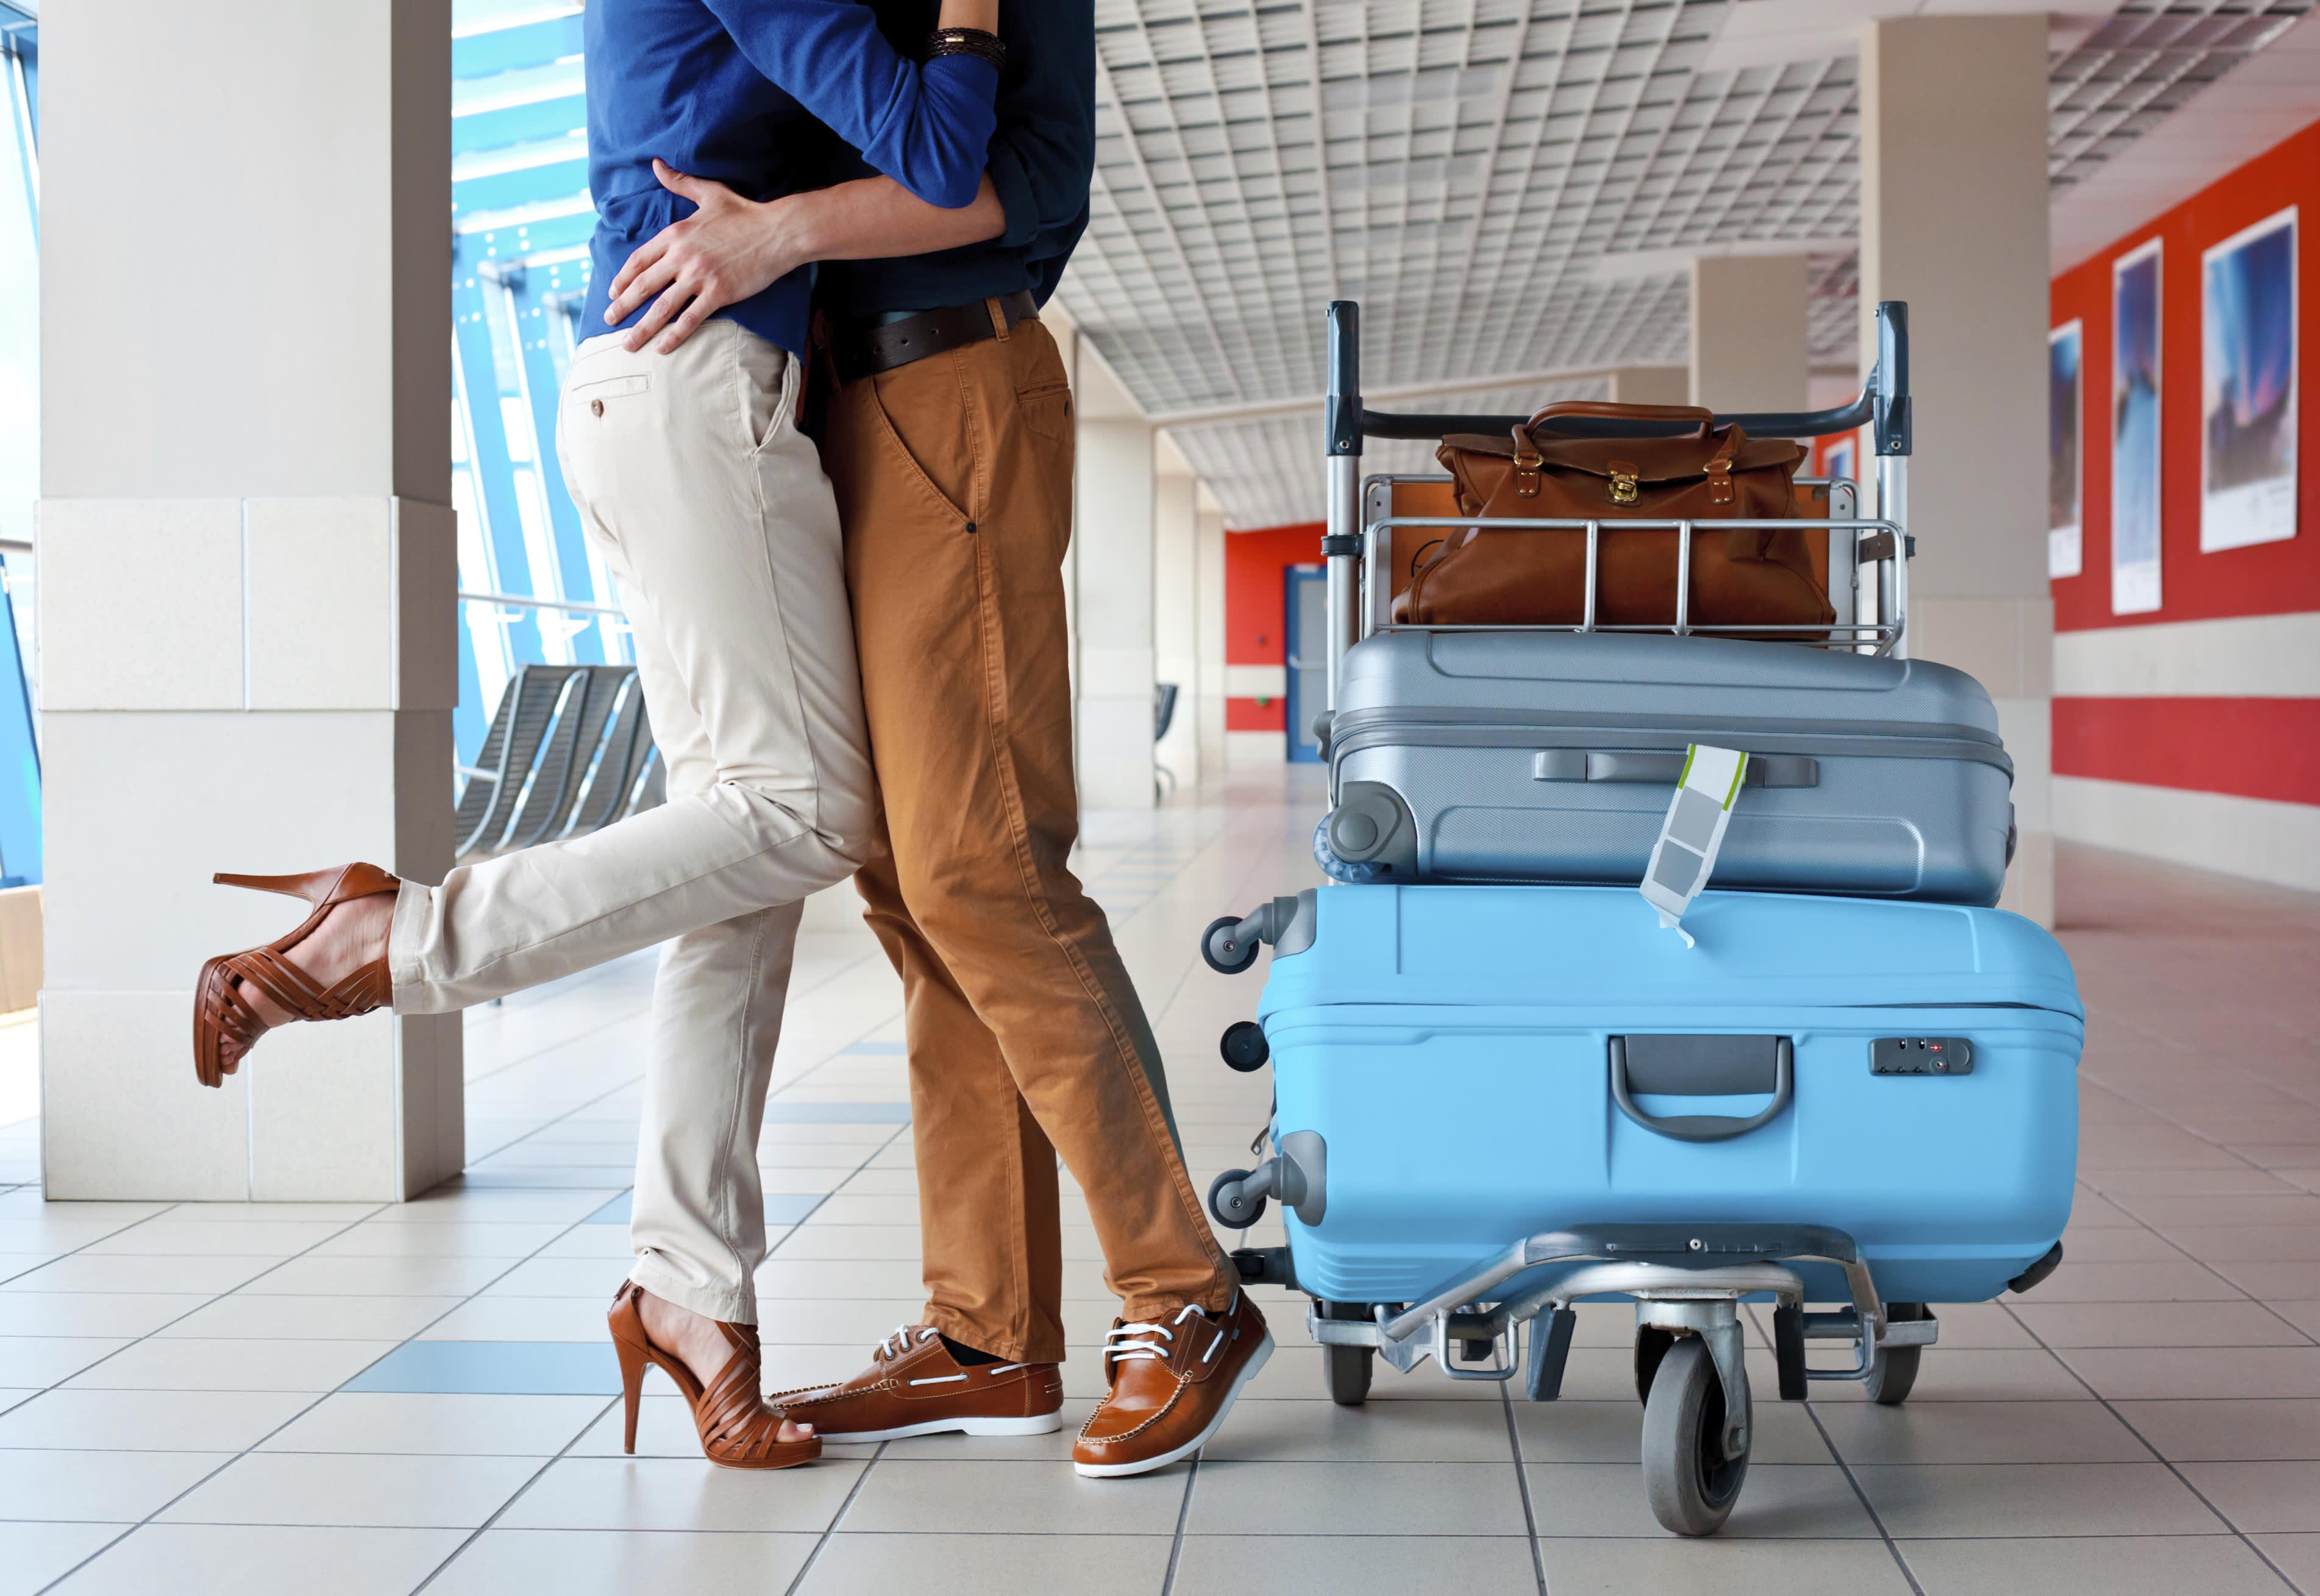 Flughafen dating site